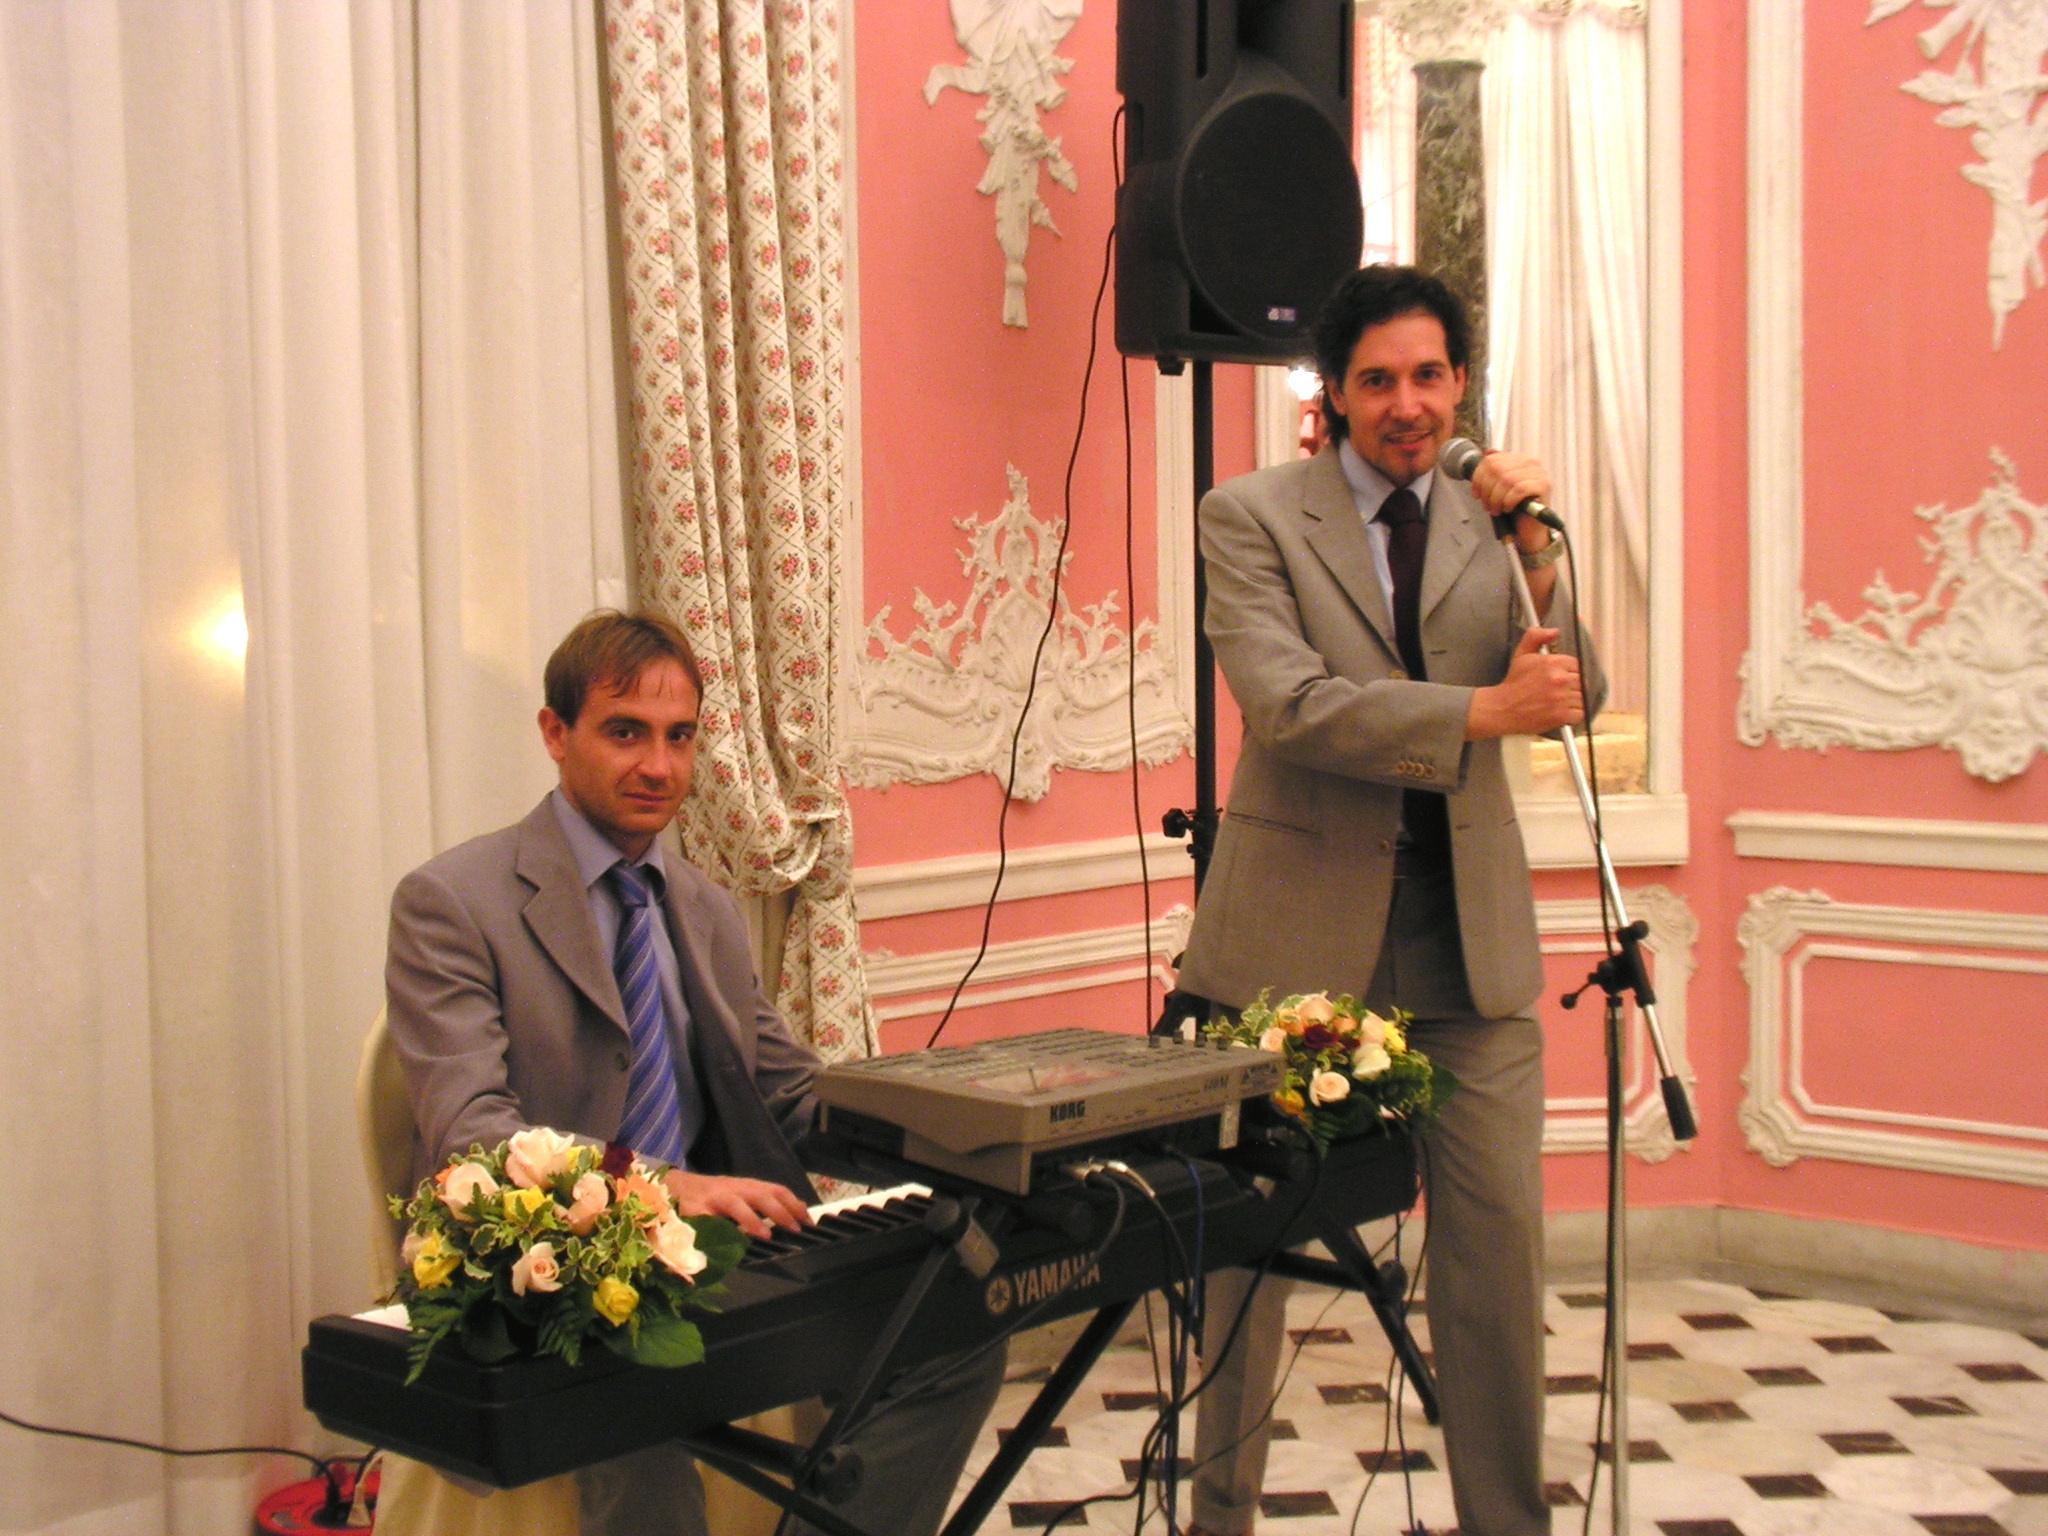 Migliori Canzoni per Matrimoni